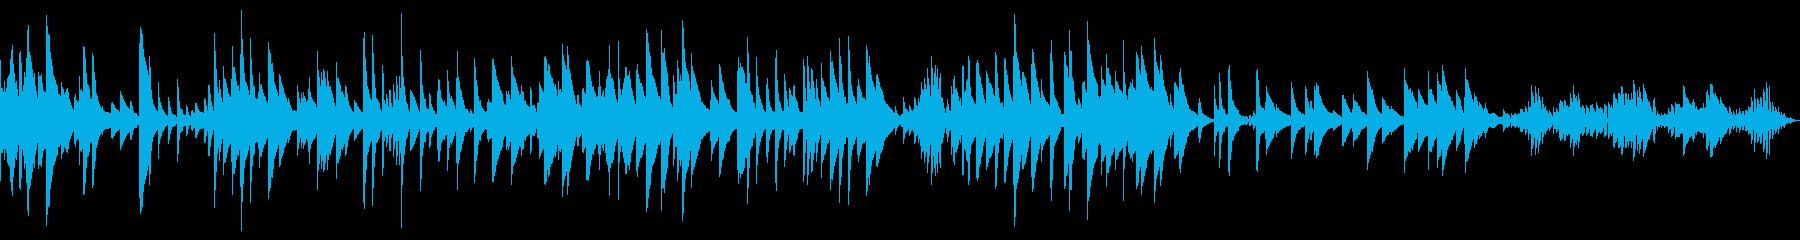 中華、日常、賑やか、ピパ独奏、ループの再生済みの波形